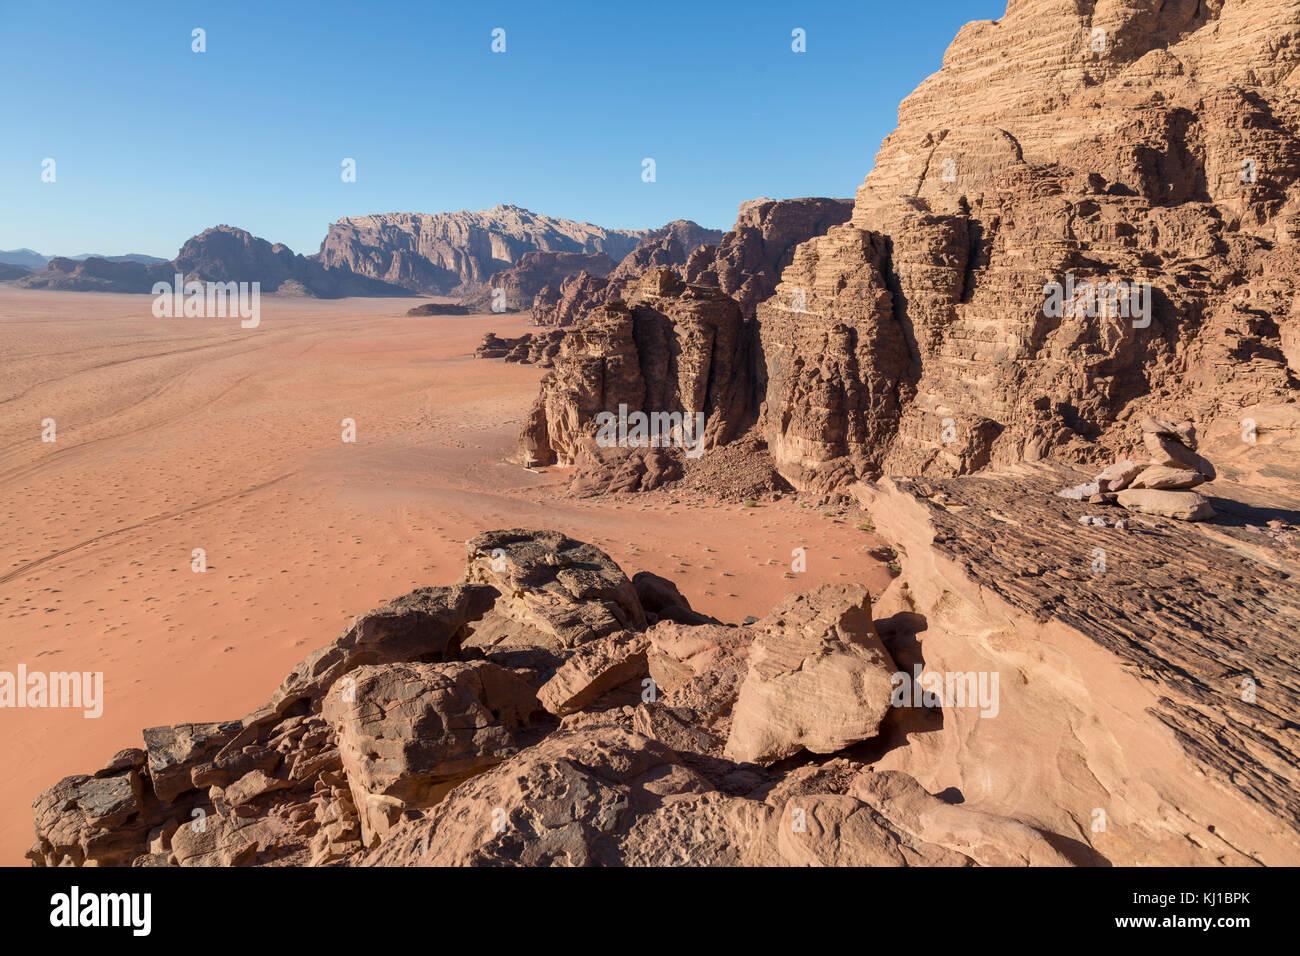 Sabbia rossastra e paesaggi di roccia nel deserto di Wadi Rum, Giordania Meridionale Immagini Stock